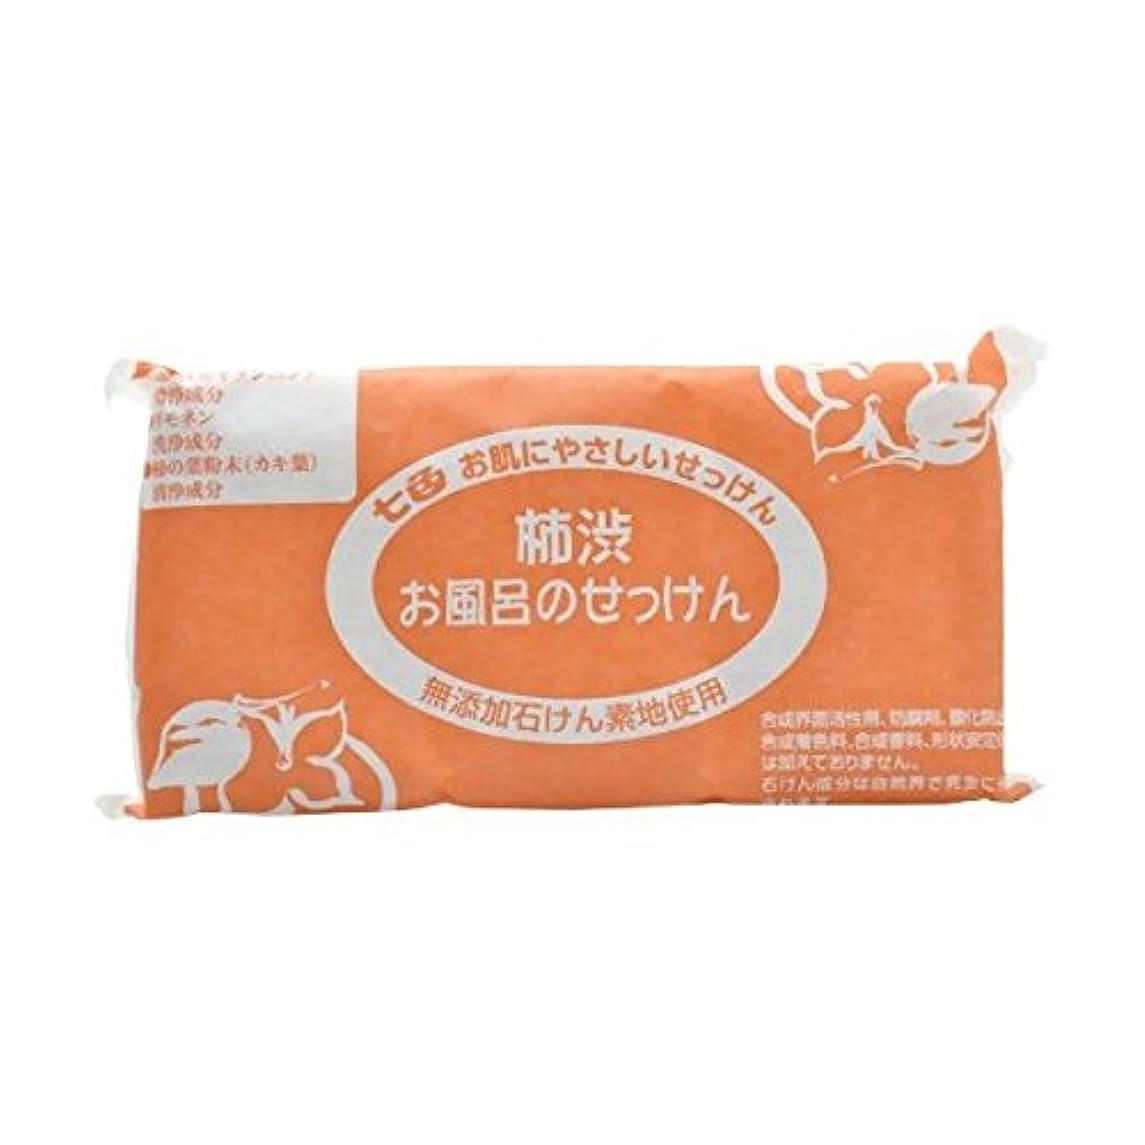 宿題雷雨ワックス(まとめ買い)七色 お風呂のせっけん 柿渋(無添加石鹸) 100g×3個入×9セット